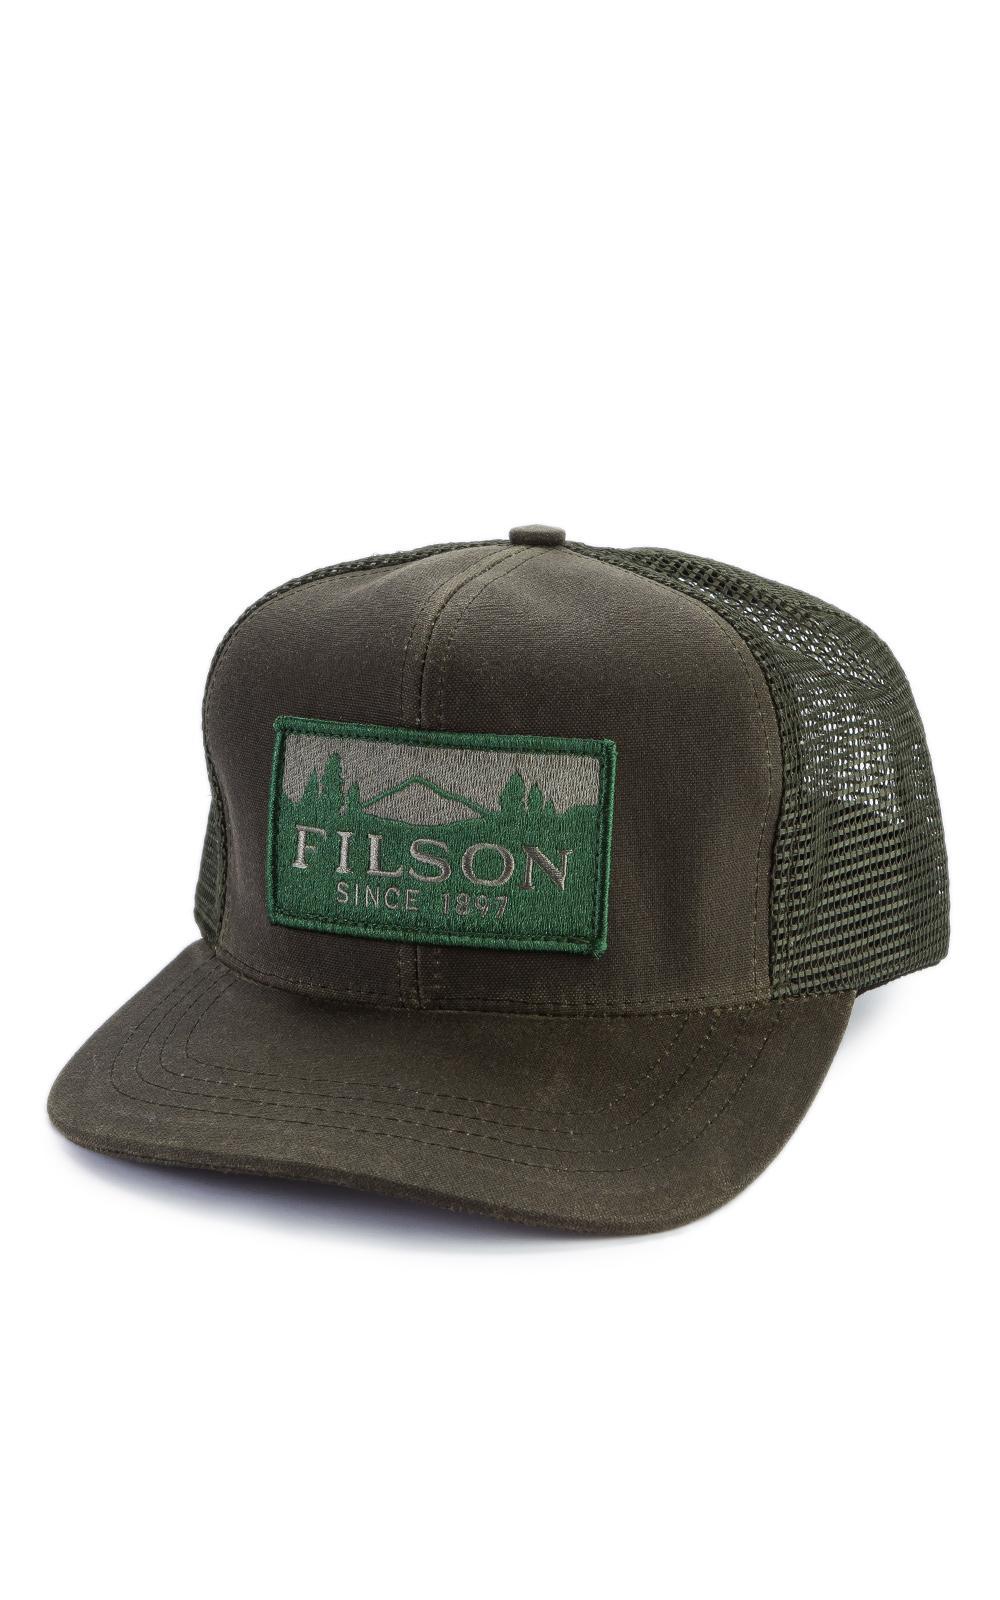 47b1d7f2452 Filson - Blue Logger Mesh Cap Otter Green for Men - Lyst. View fullscreen